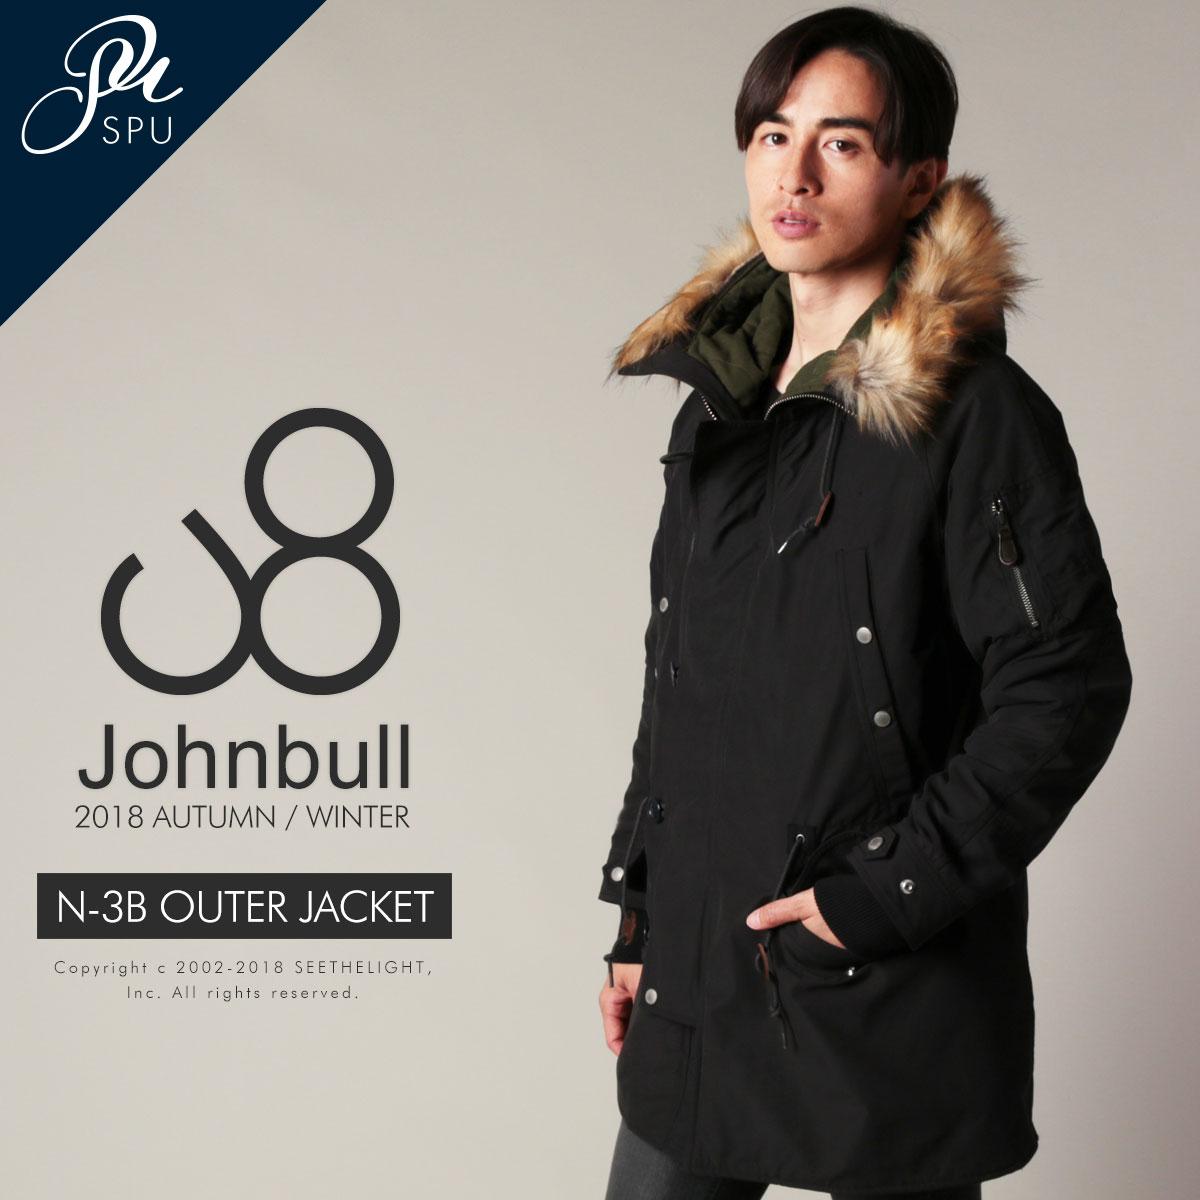 アウター メンズ メモリー ダブル クロス ピーチ N-3B アウタージャケット ジャケット Johnbull ジョンブル 16614 冬 ブラック ネイビー オリーブ